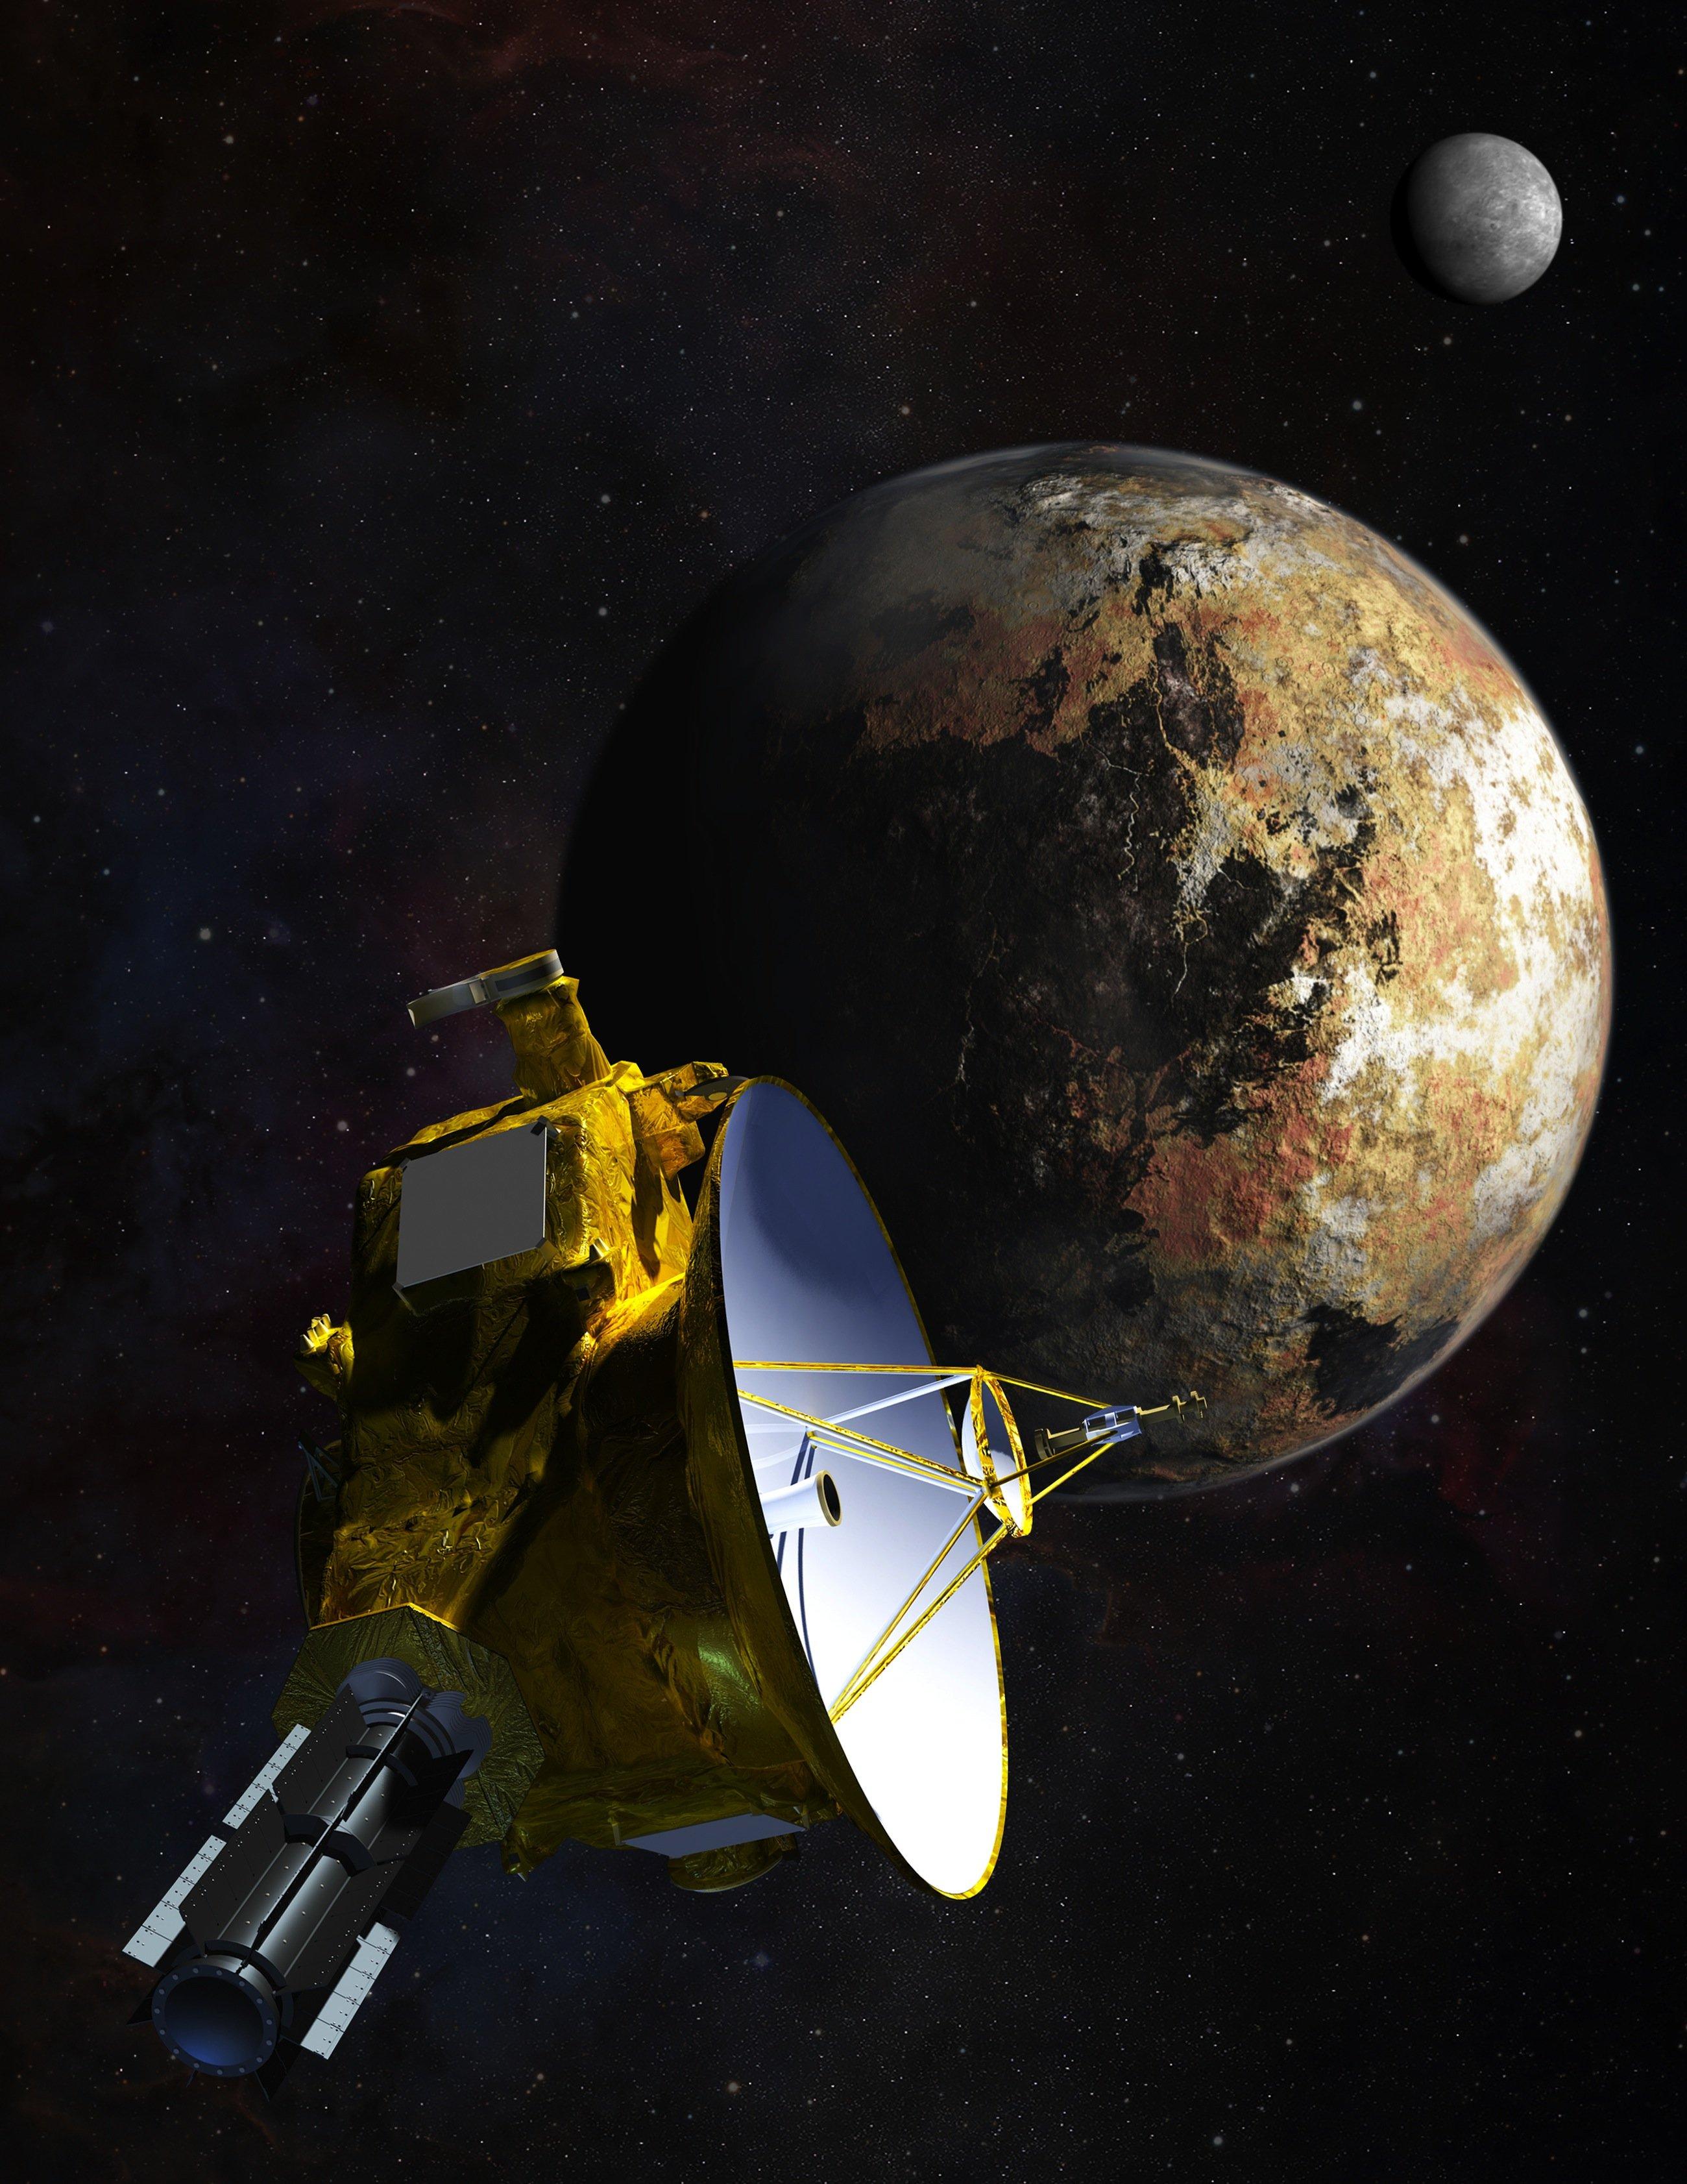 Ungefähr so wie in dieser Darstellung wird es aussehen, wenn sich die amerikanische Sonde New Horizons dem Pluto und dem größten seiner Monde Charon nähert.